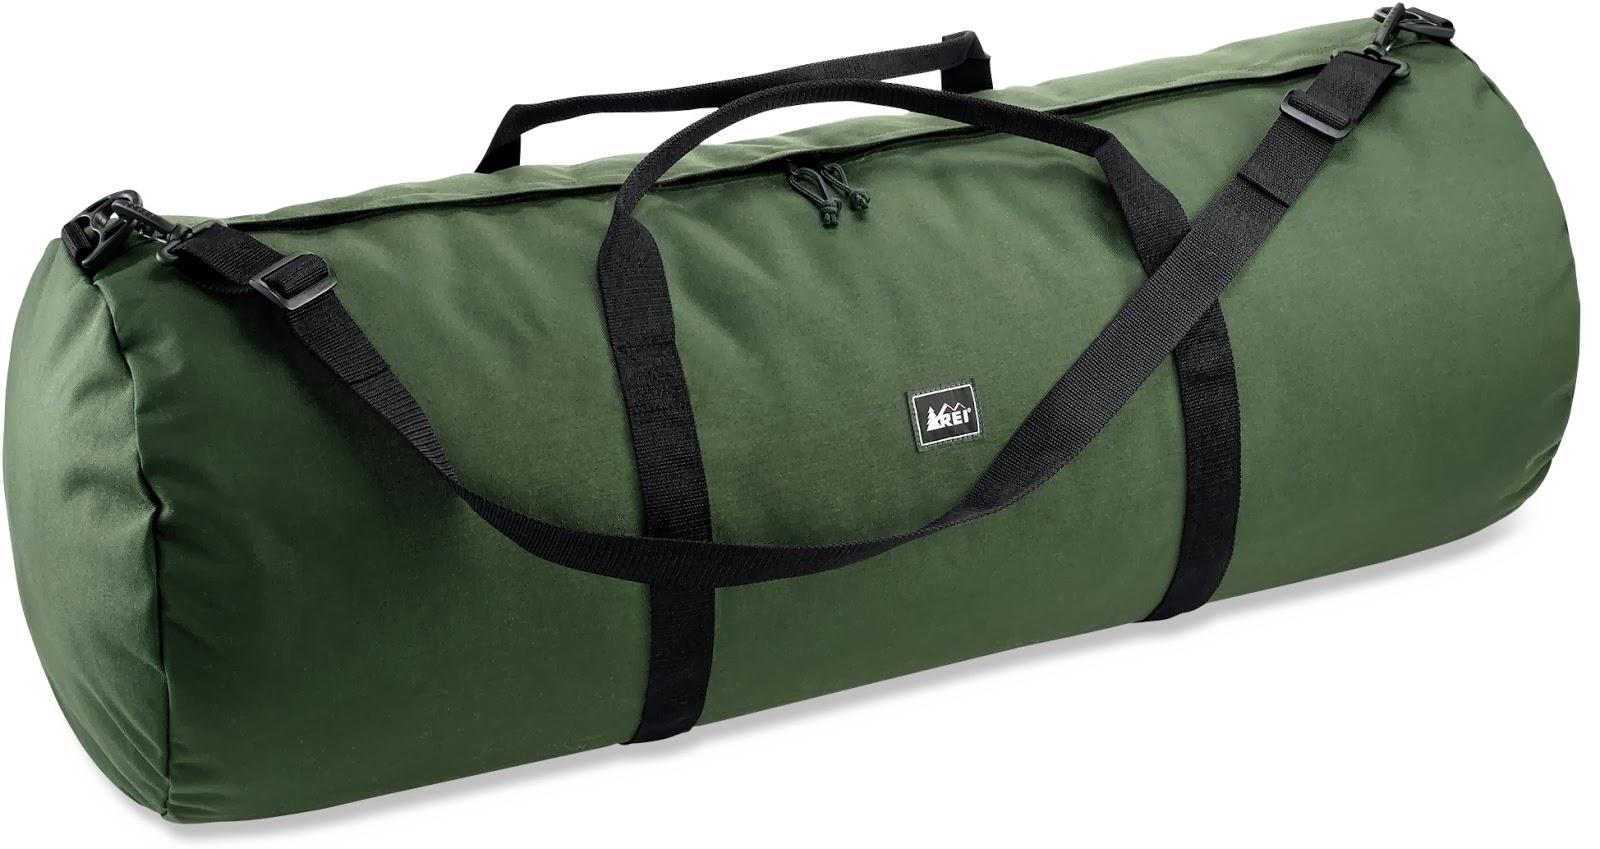 tas travel bag di atas ukurannya adalah 35 x 90 cm saya ambil gambar ...